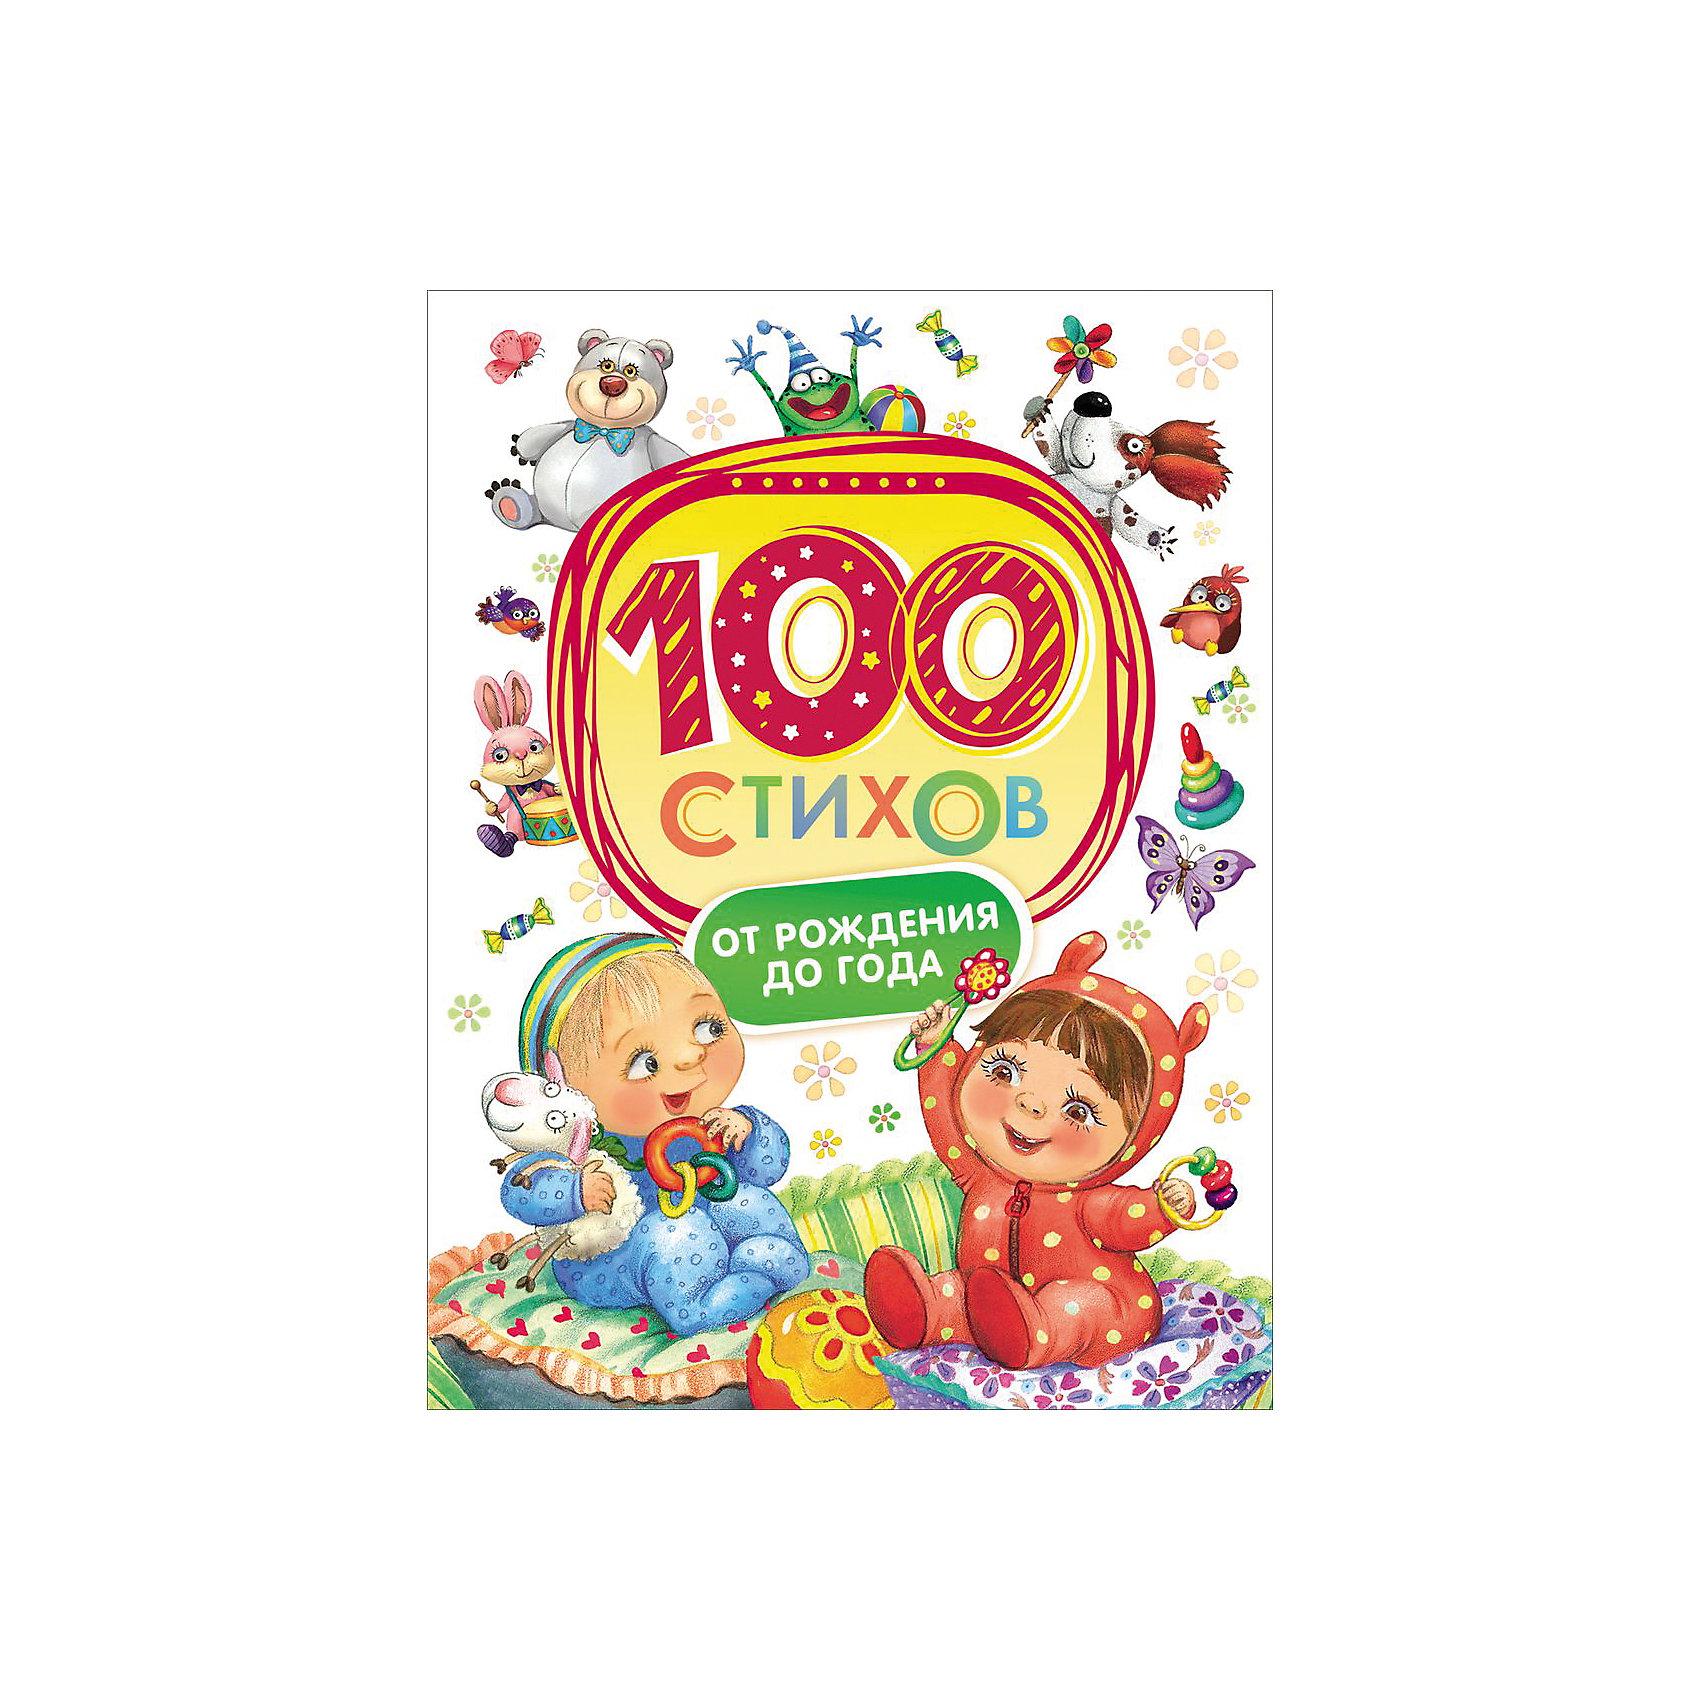 Росмэн 100 стихов от рождения до года непокойчицкий г ред ваш малыш от рождения до года азбука здоровья